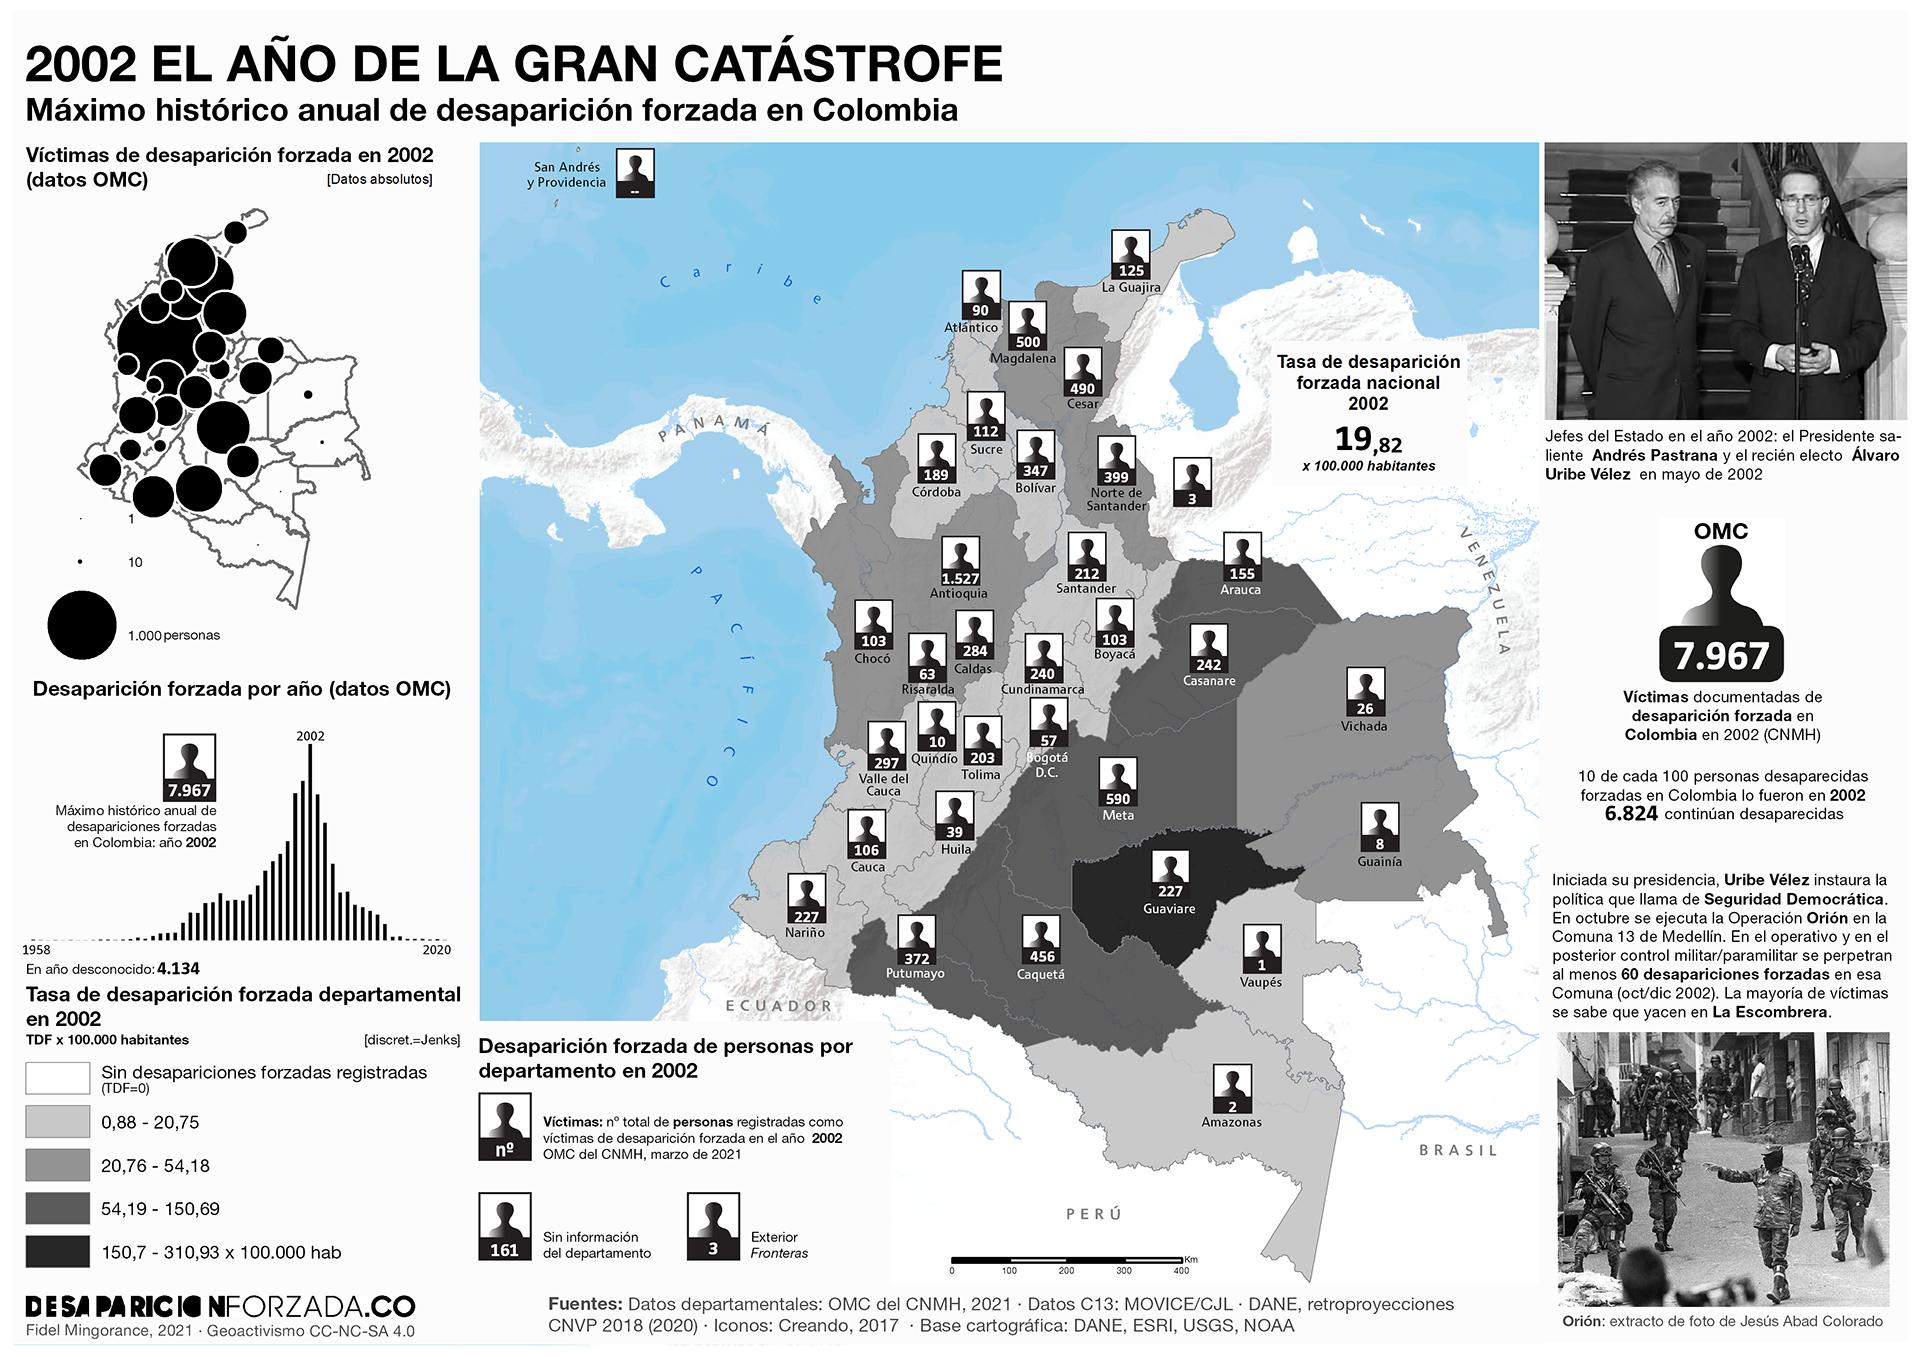 2002 Maximo historico anual desapariciones forzadas en Colombia